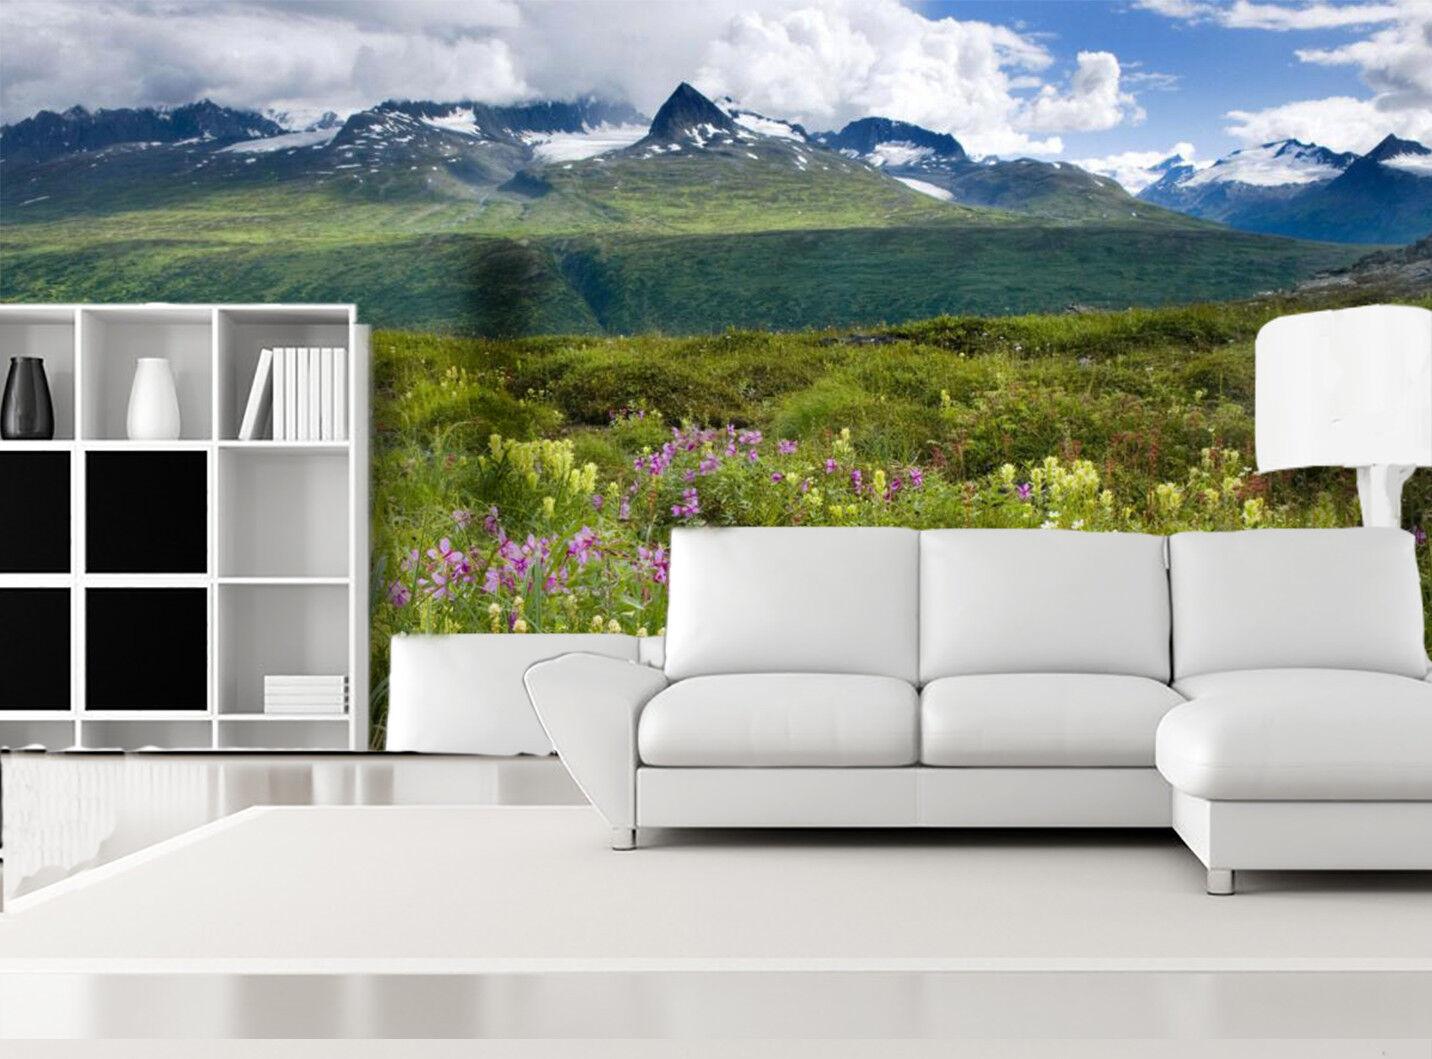 3D Grassland Nature 8 Wallpaper Mural Wall Print Wall Wallpaper Murals US Summer